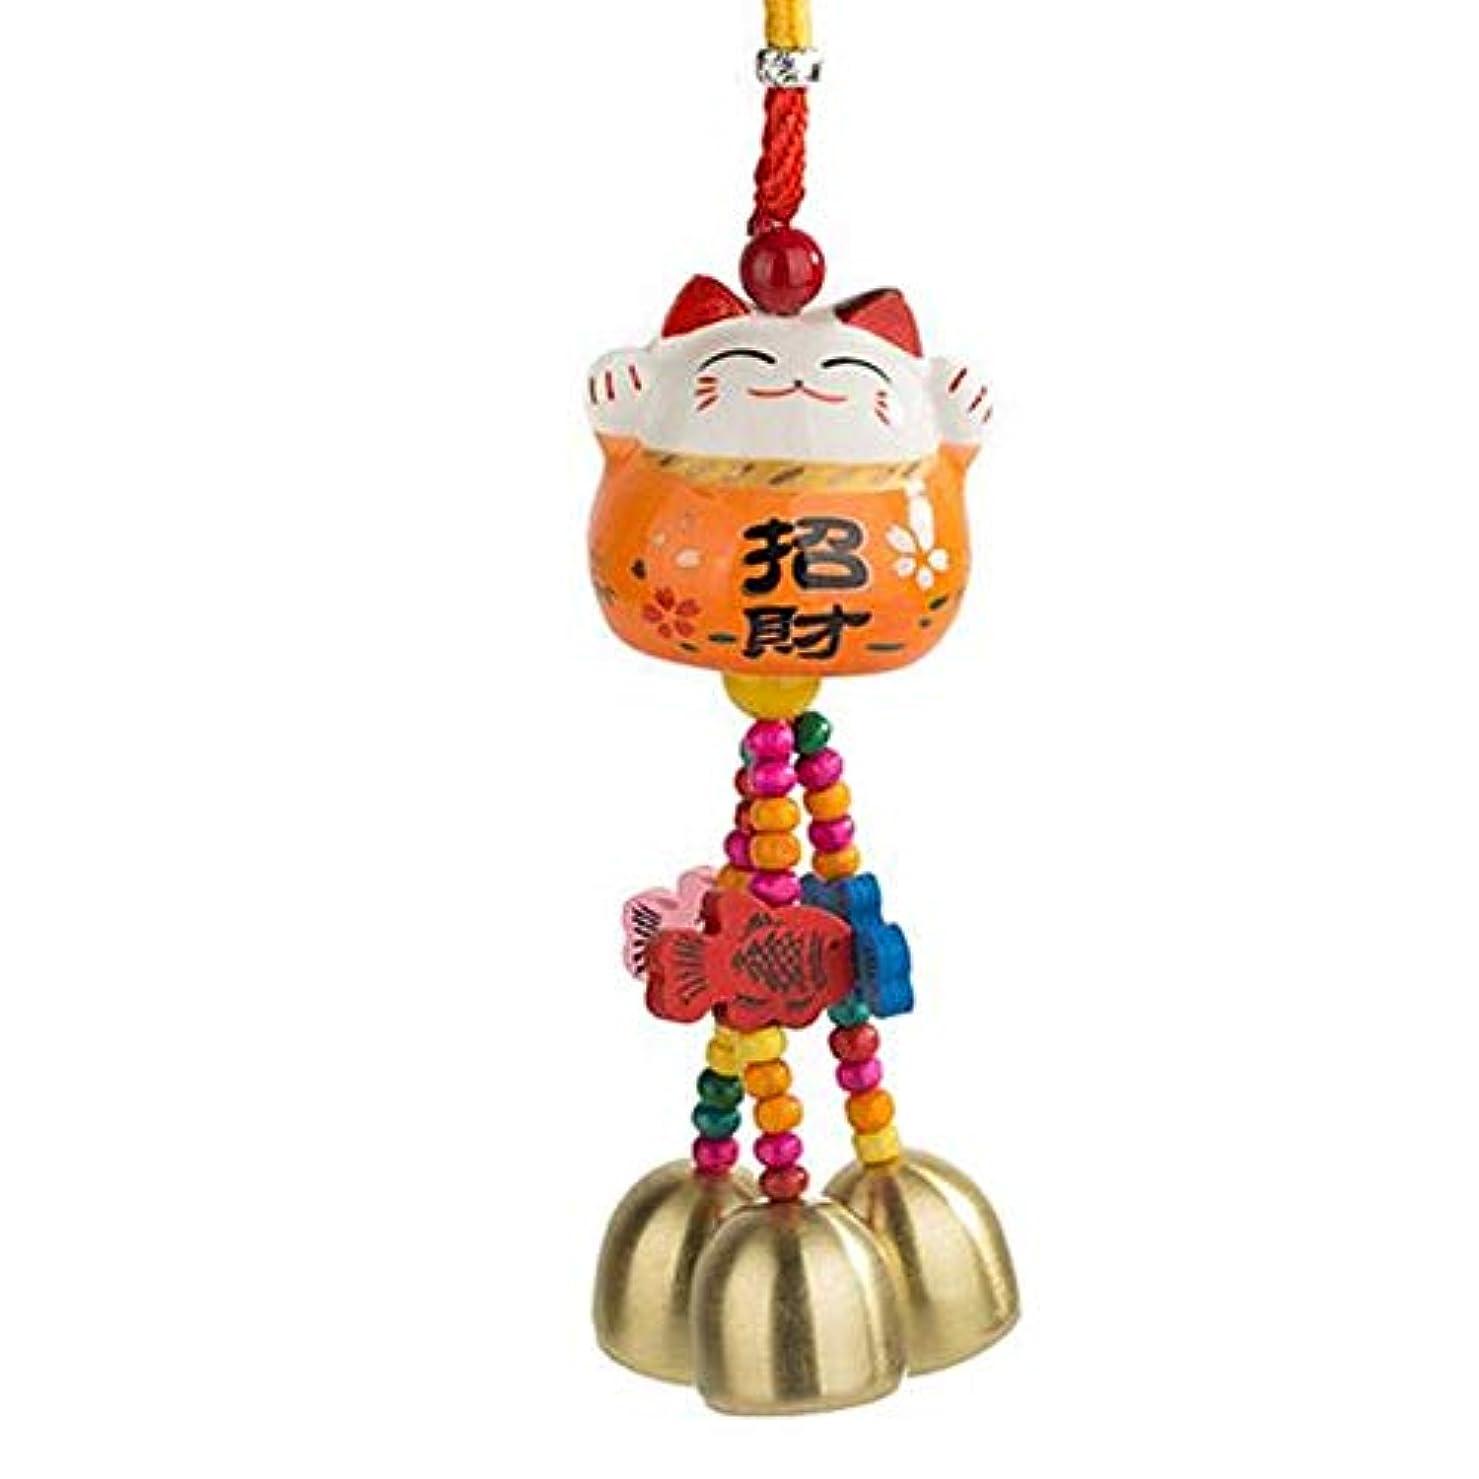 保存するスラッシュストラトフォードオンエイボンYoushangshipin 風チャイム、かわいいクリエイティブセラミック猫風の鐘、赤、長い28センチメートル,美しいギフトボックス (Color : Orange)